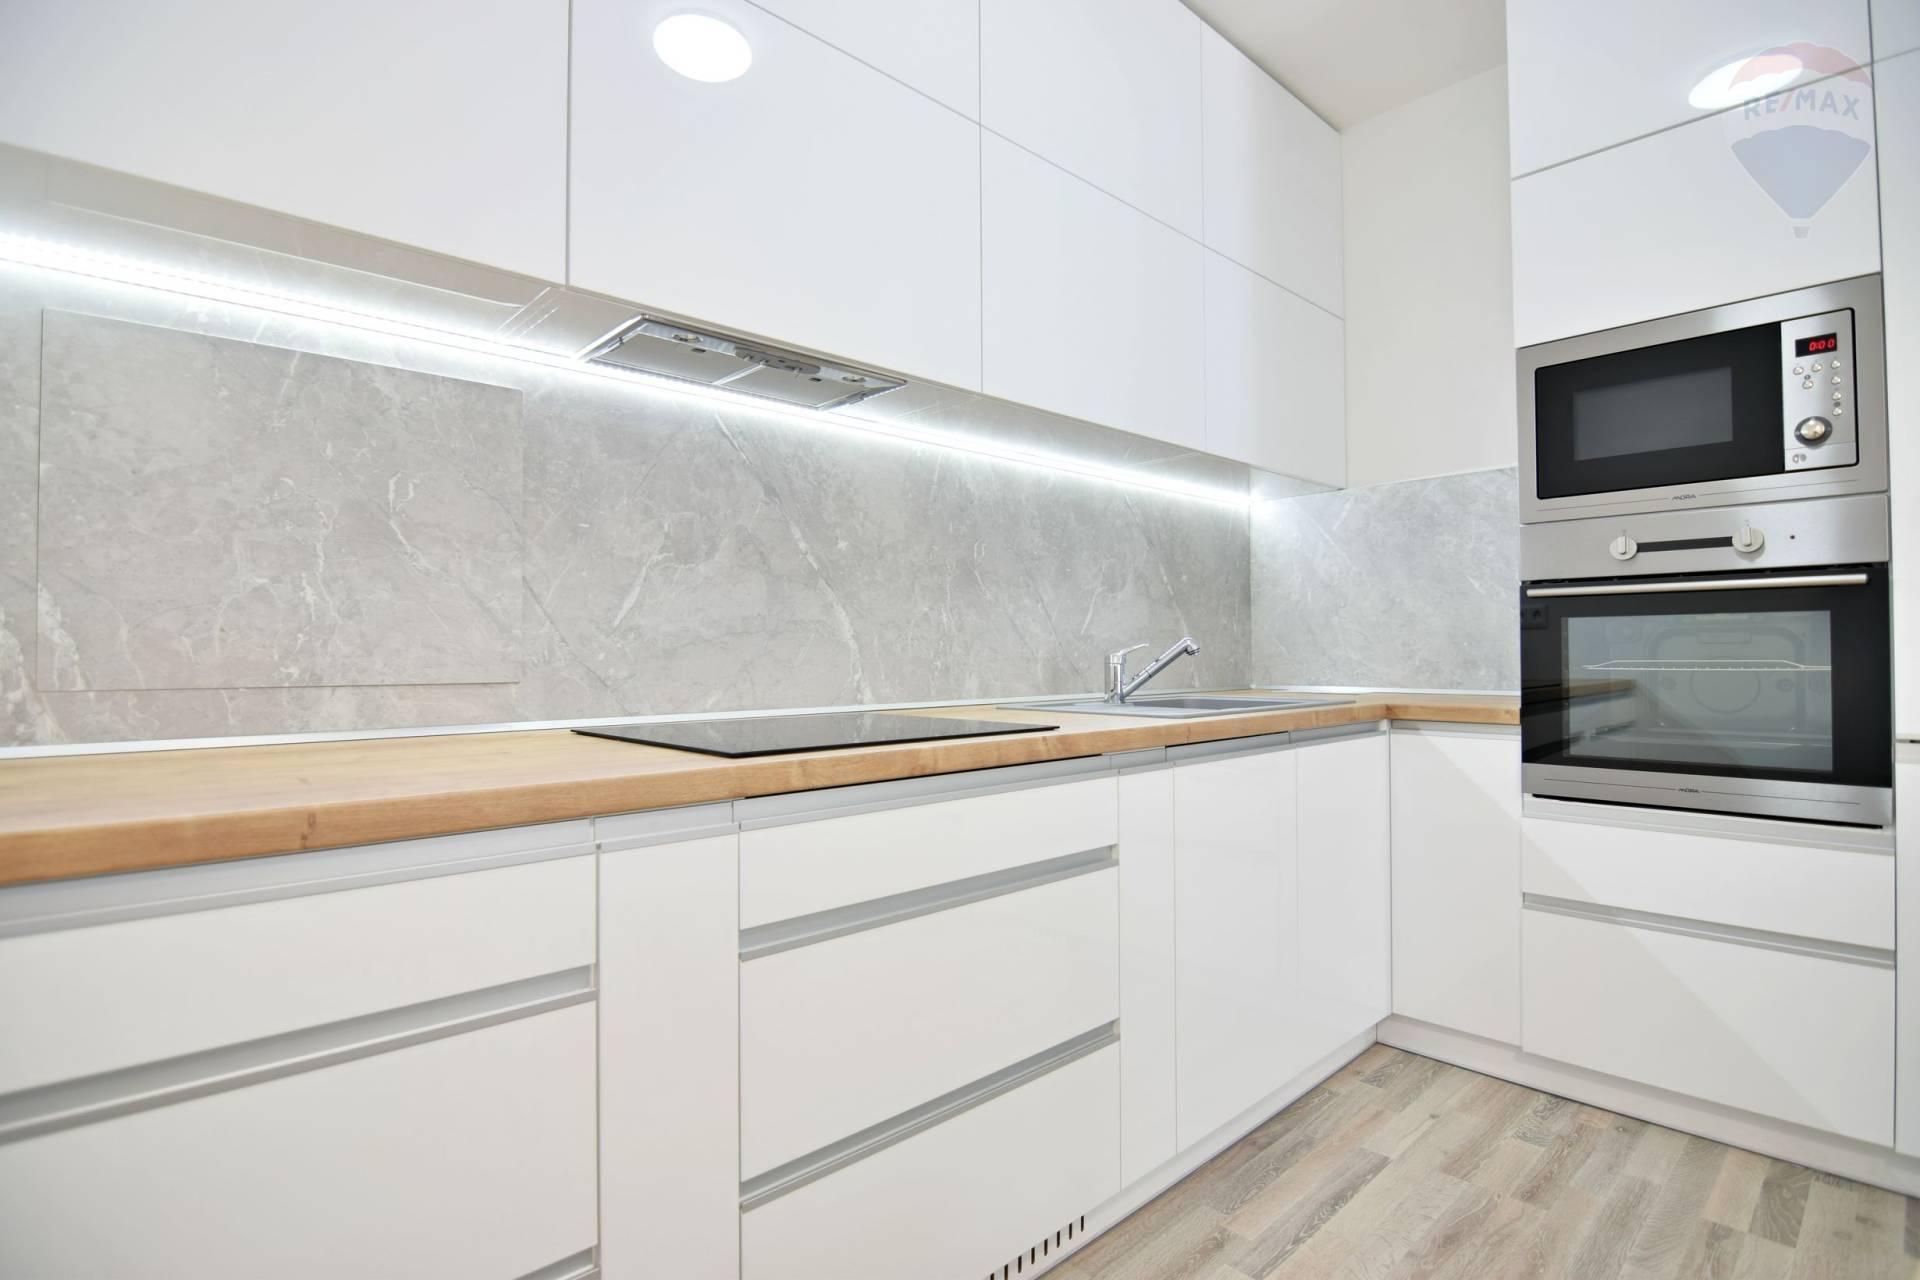 Prenájom bytu (2 izbový) 66 m2, Košice - Západ - 2 izbovy byt na prenajom Kosice